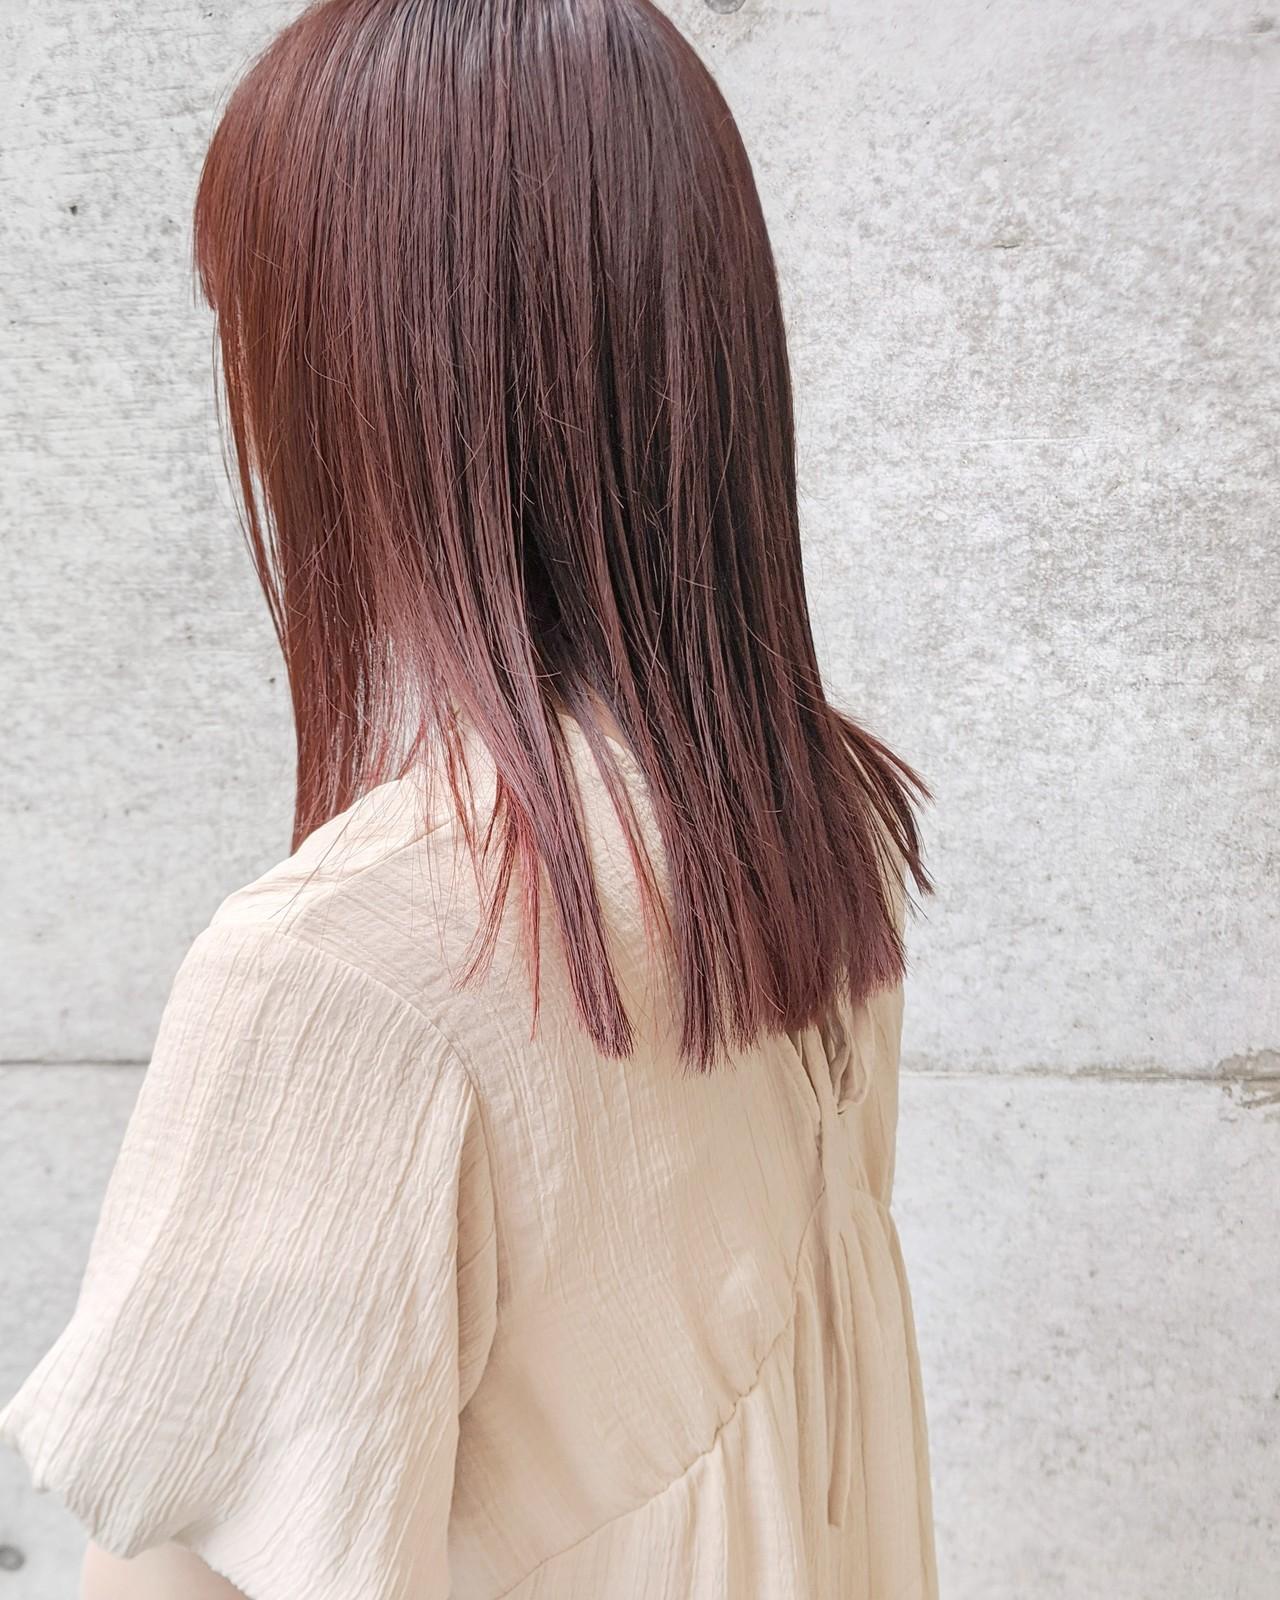 ロブ ナチュラル チェリーレッド 切りっぱなしヘアスタイルや髪型の写真・画像